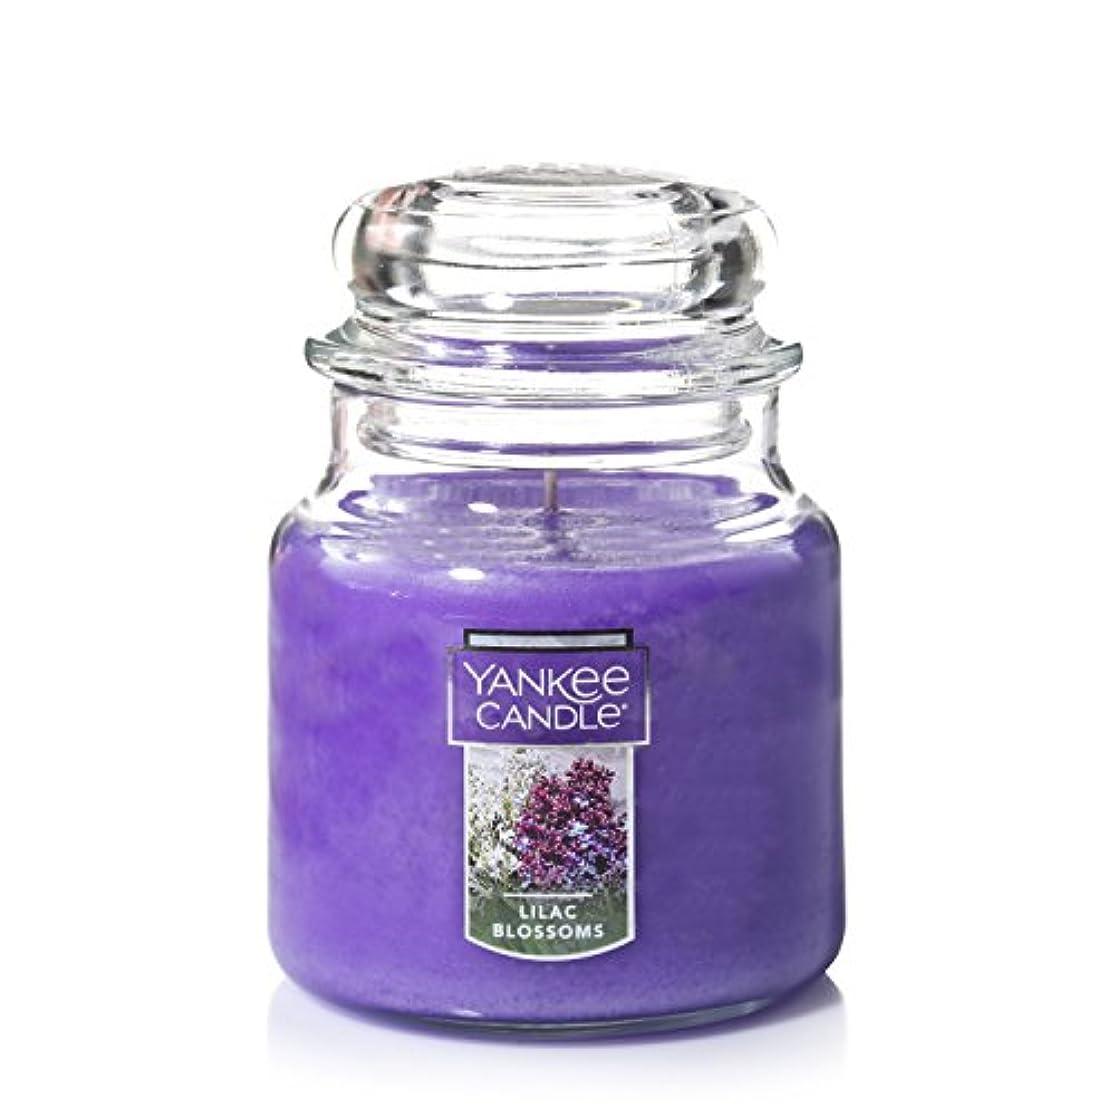 歩き回る災害キャベツYankee CandleライラックBlossoms Medium Jar 14.5oz Candle One パープル 1006996